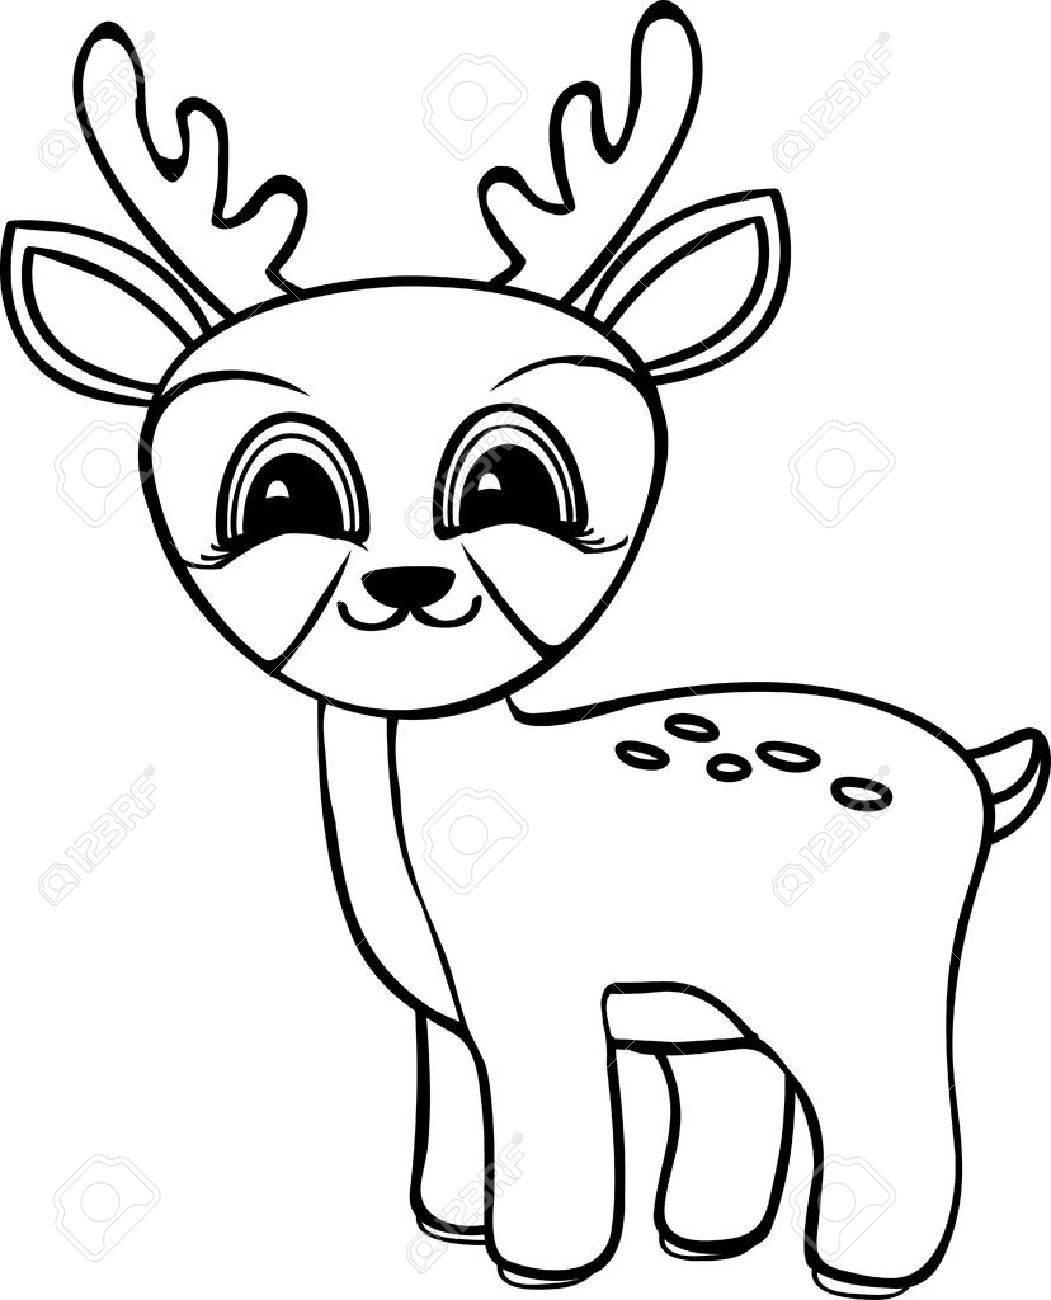 Divertida Ciervos Bebé De Dibujos Animados Páginas Para Colorear Vector Blanco Y Negro Ilustración